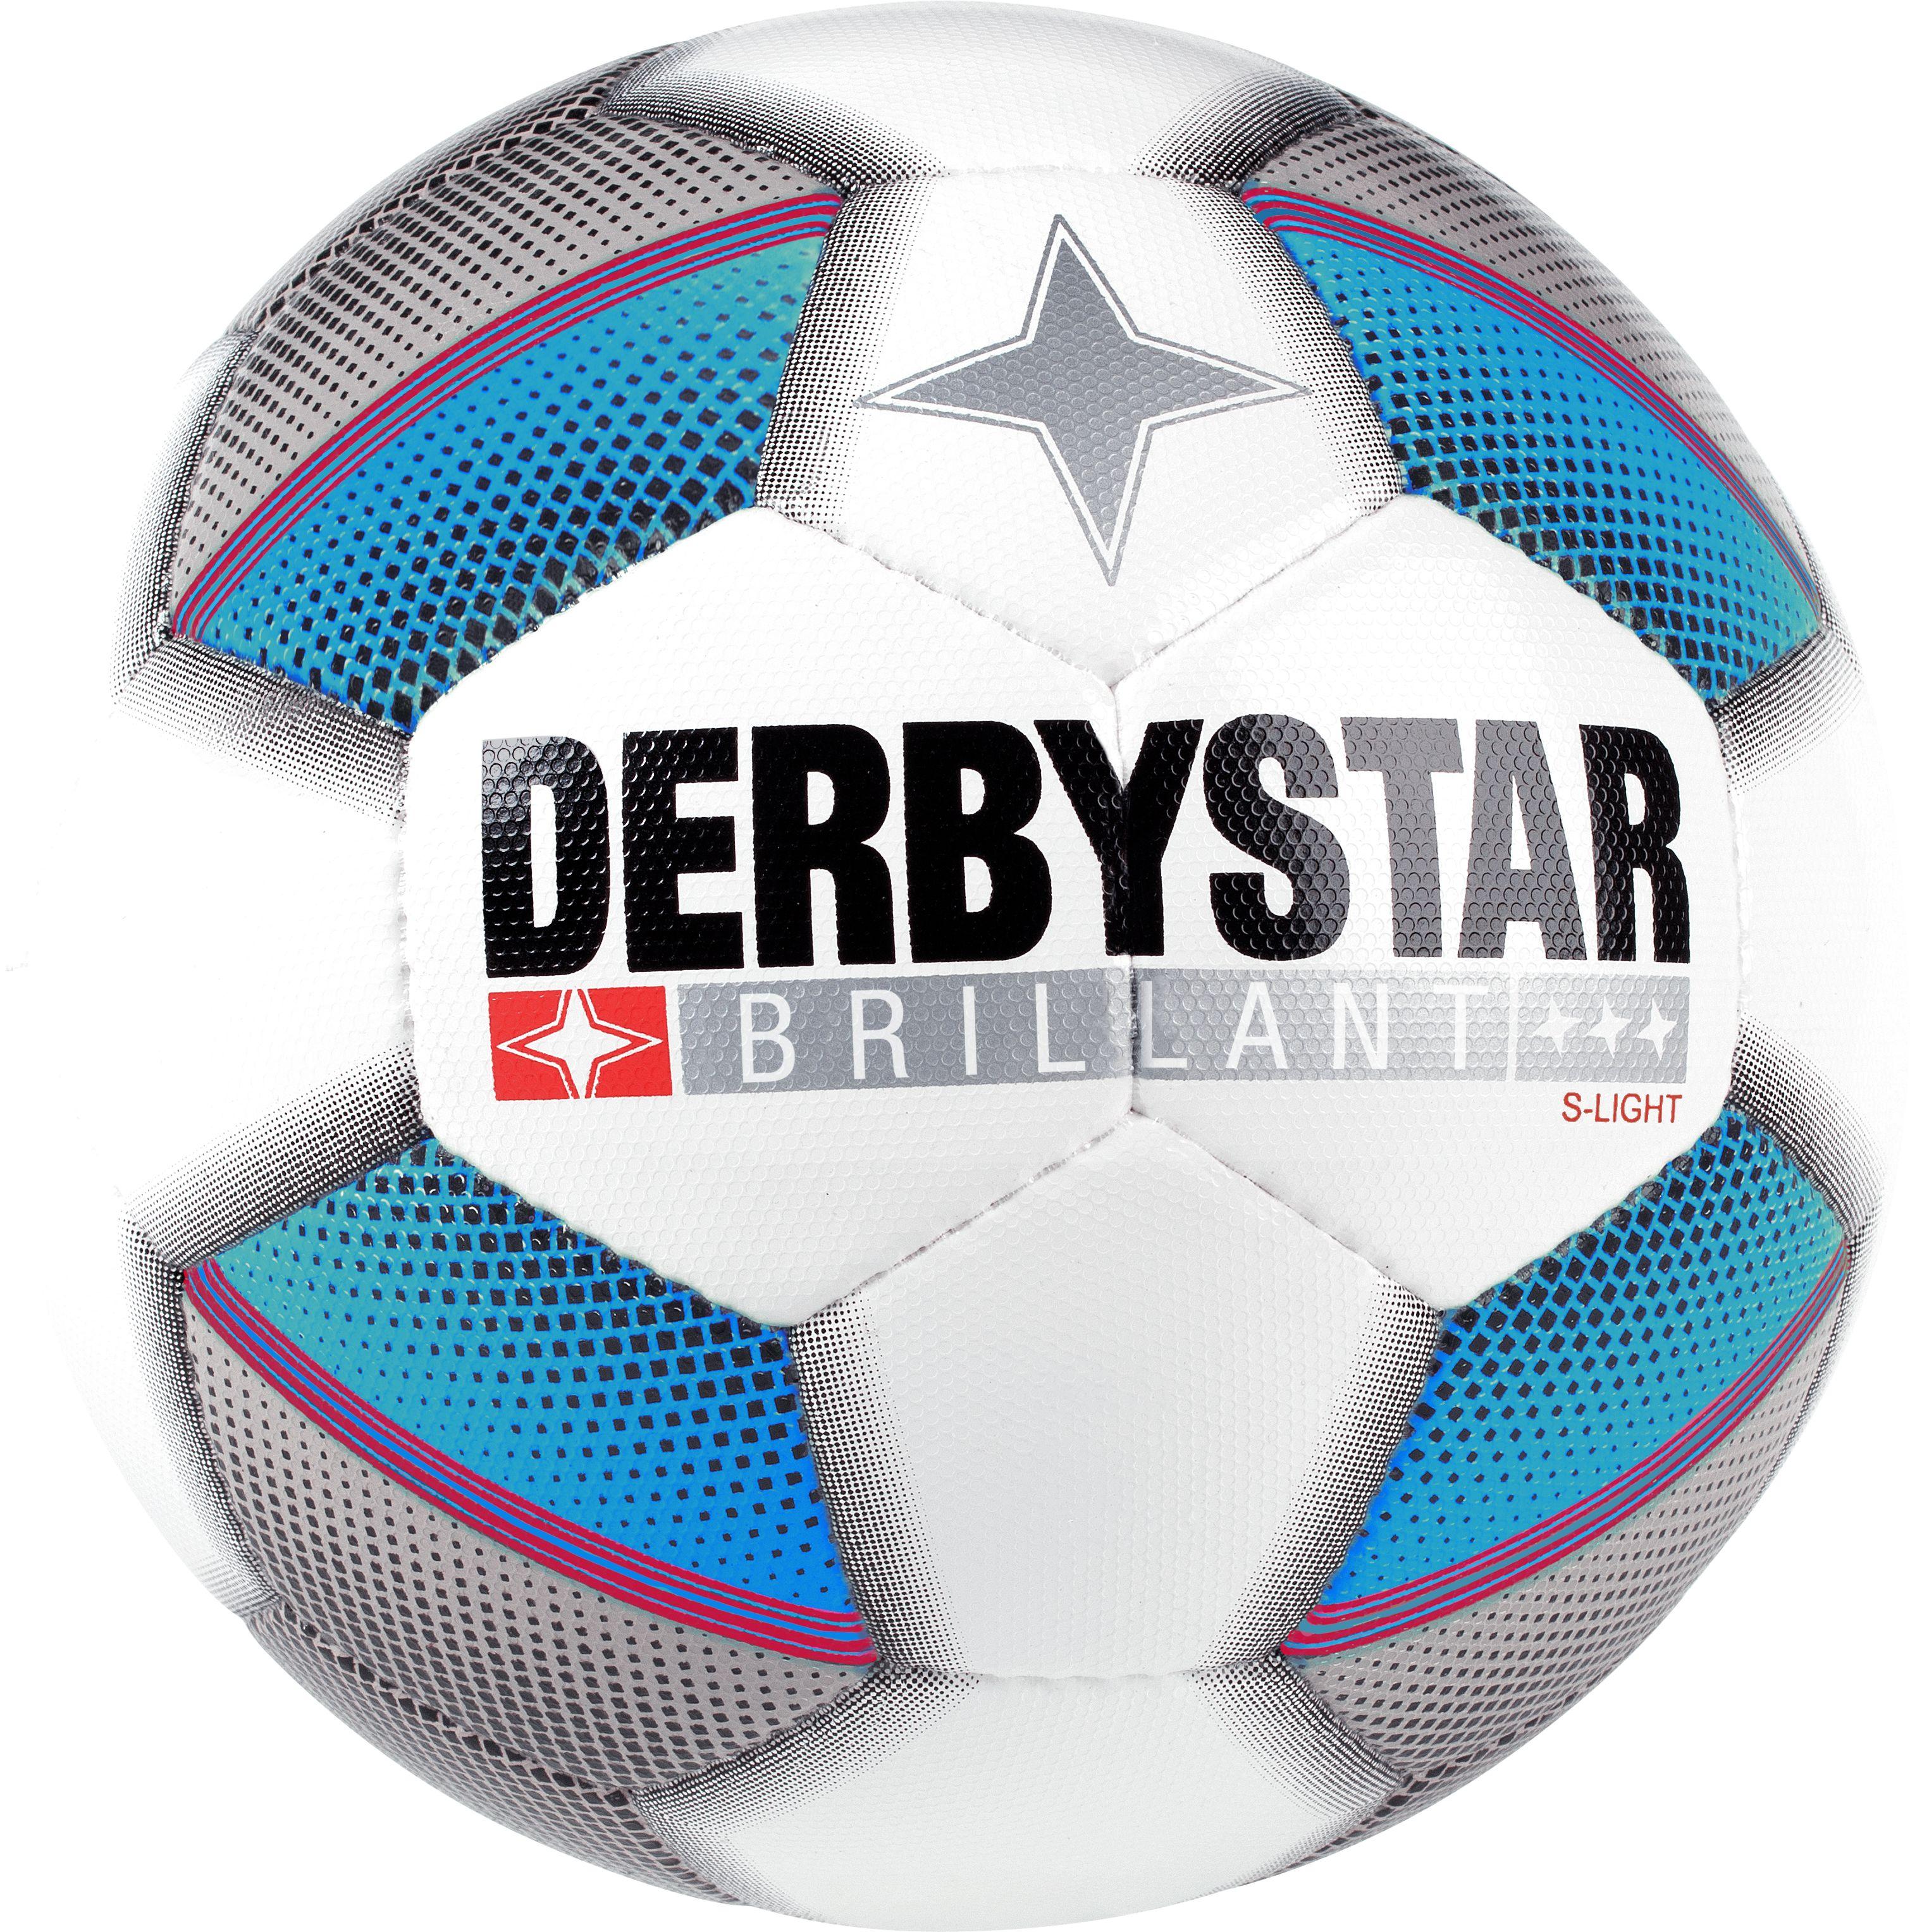 Derbystar Fußball Bundesliga Brillant Replica S-Light 290g Größe 4 Jugendball